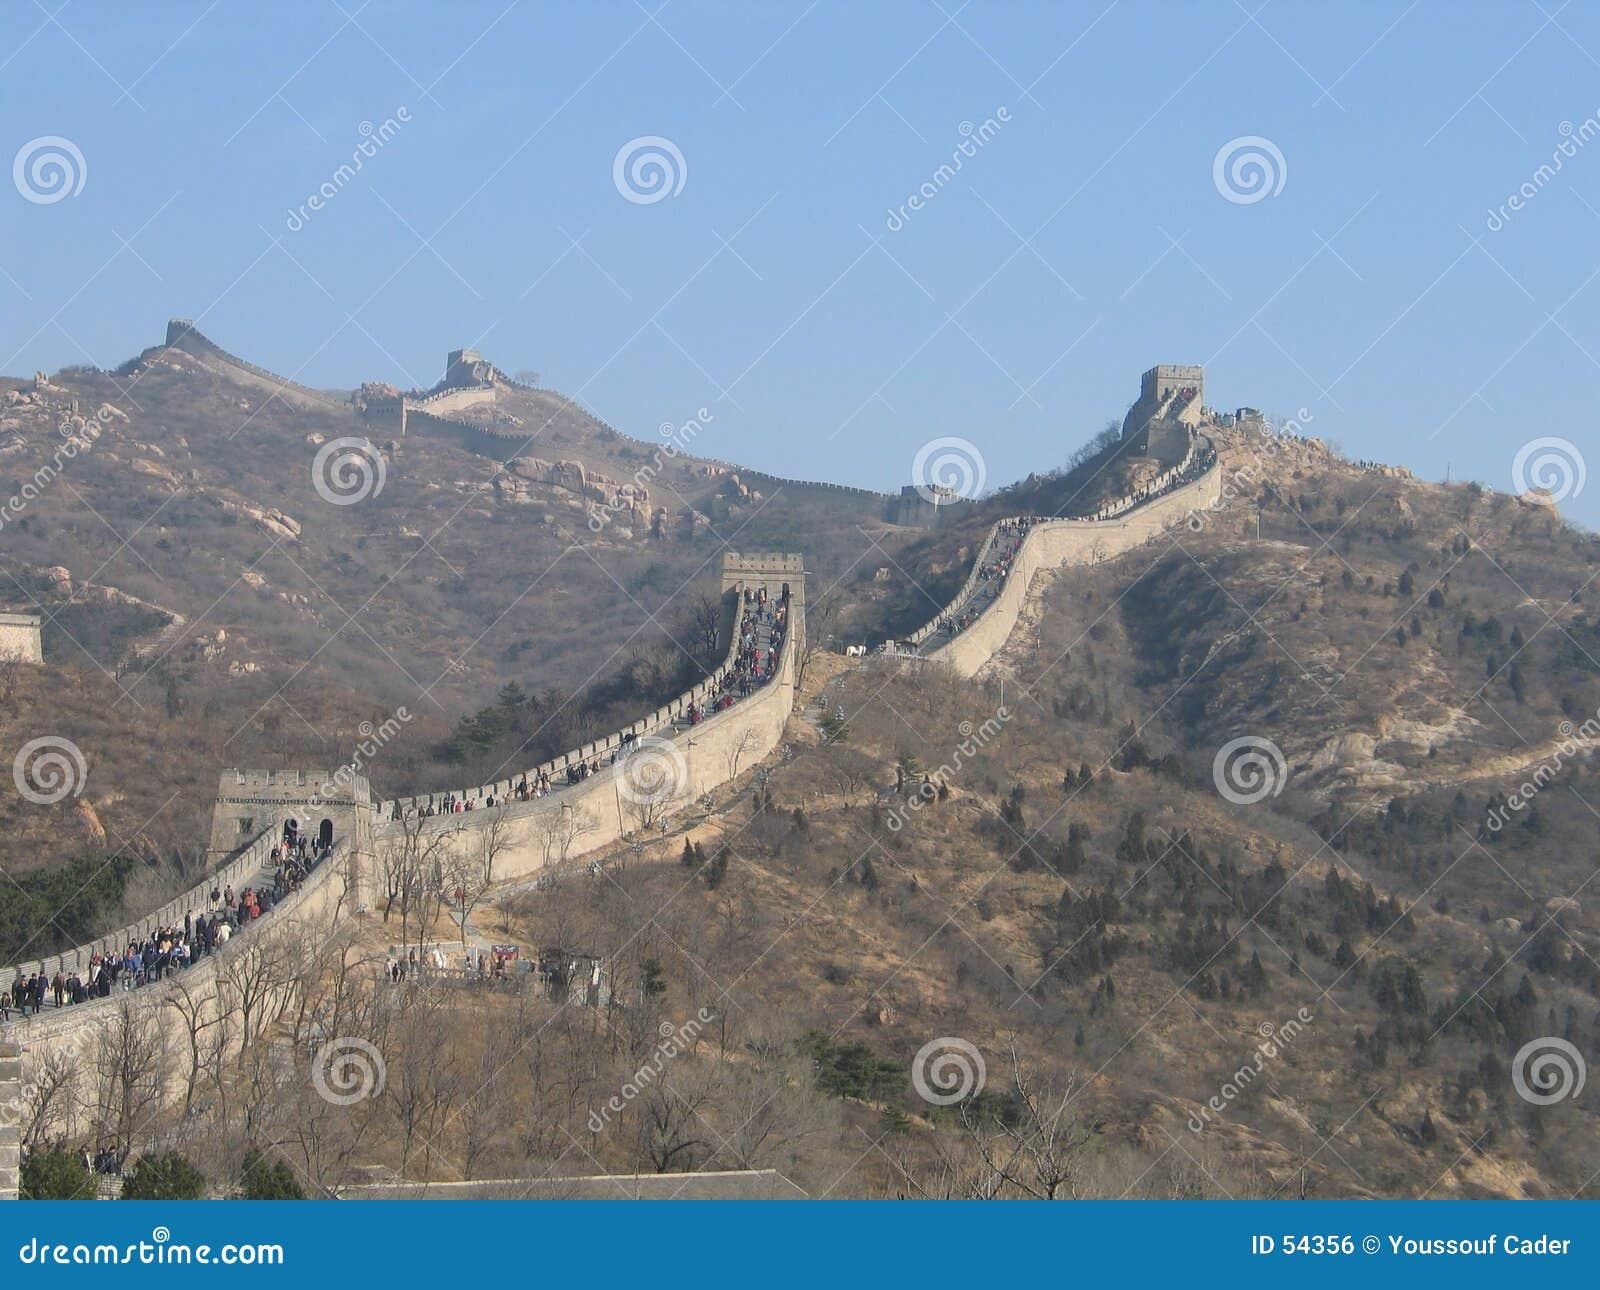 Chiny 1 wielki mur.